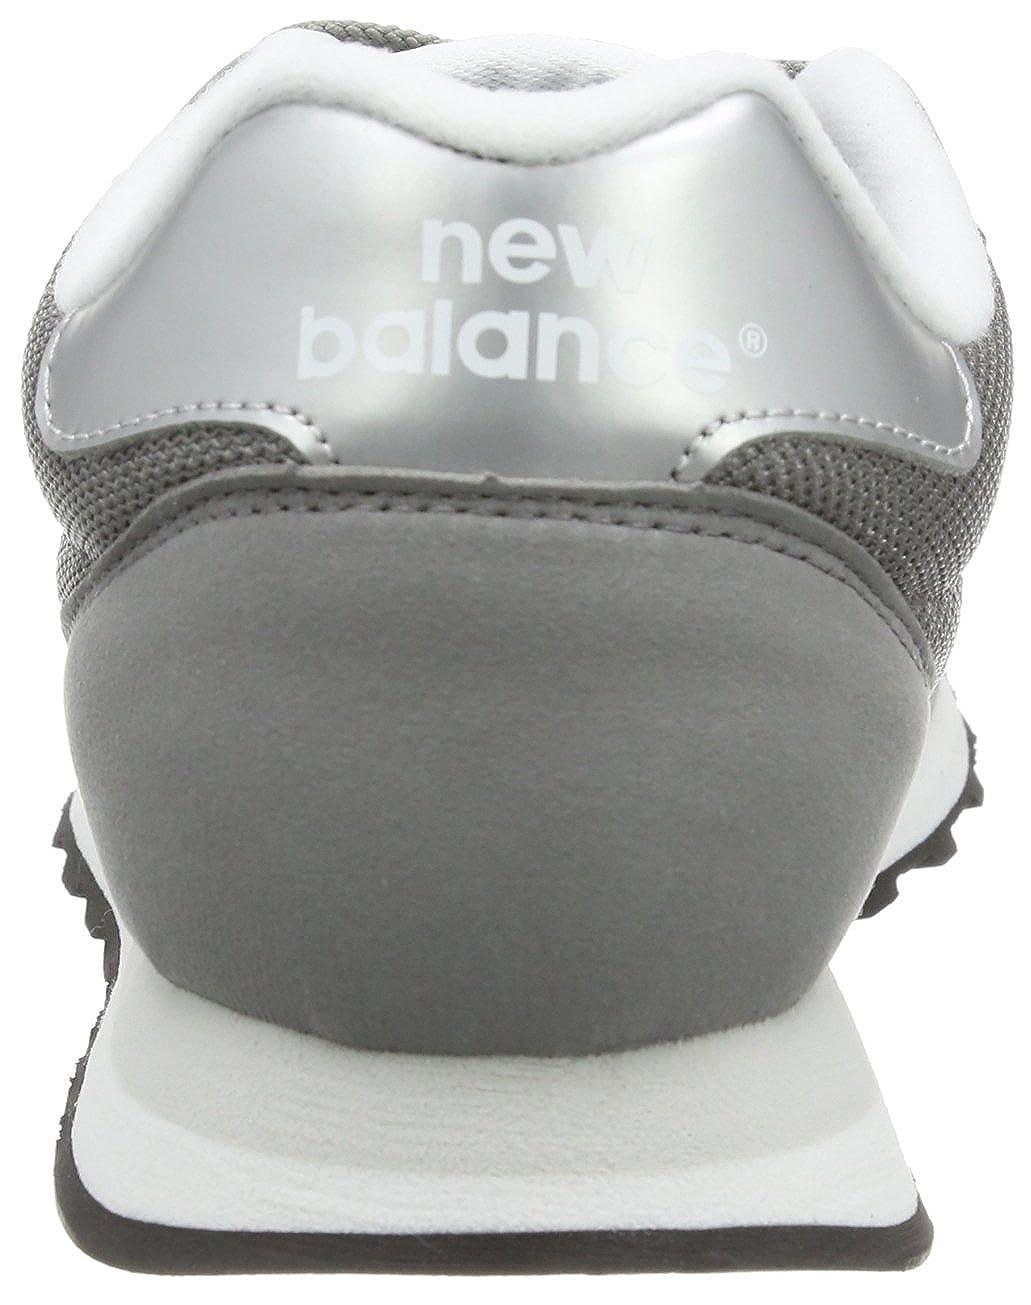 New Balance Herren 500 500 500 Turnschuhe  a689cc